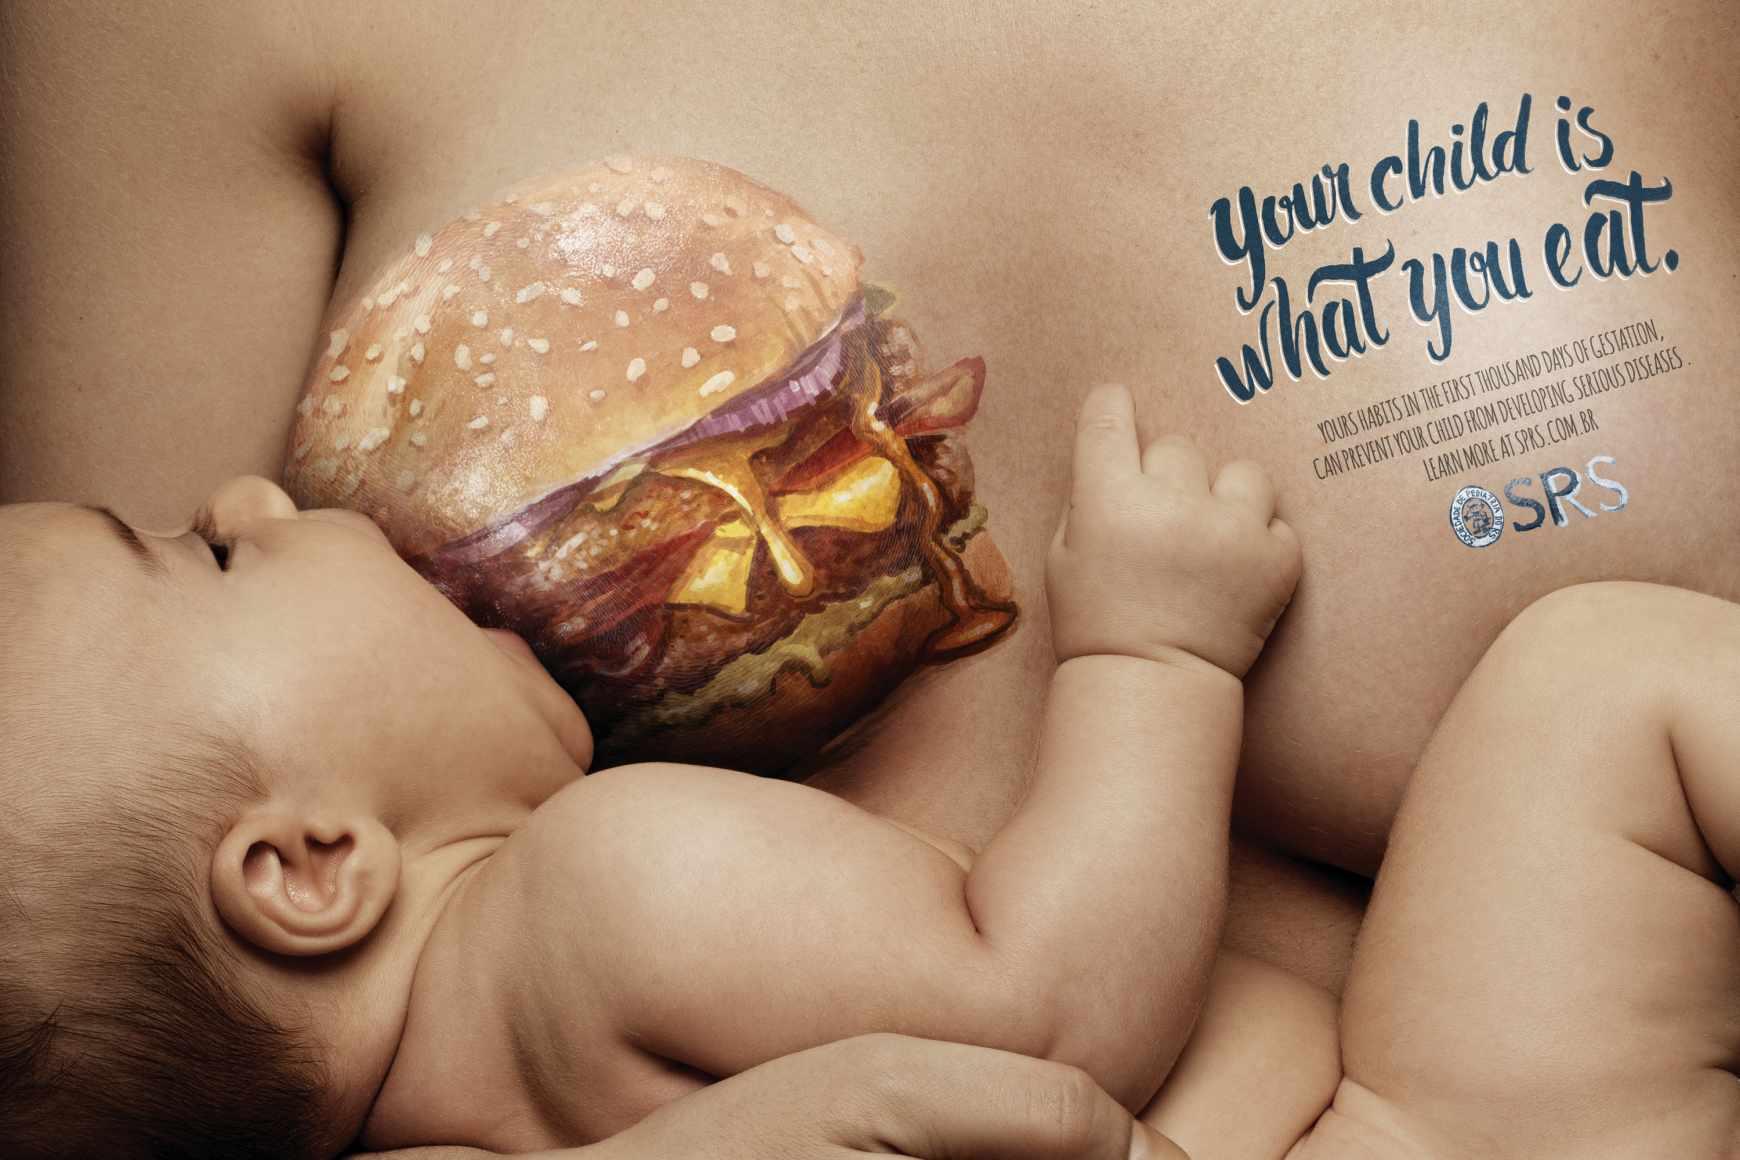 汉堡、可乐那么美味,带你的baby一起吃吧!